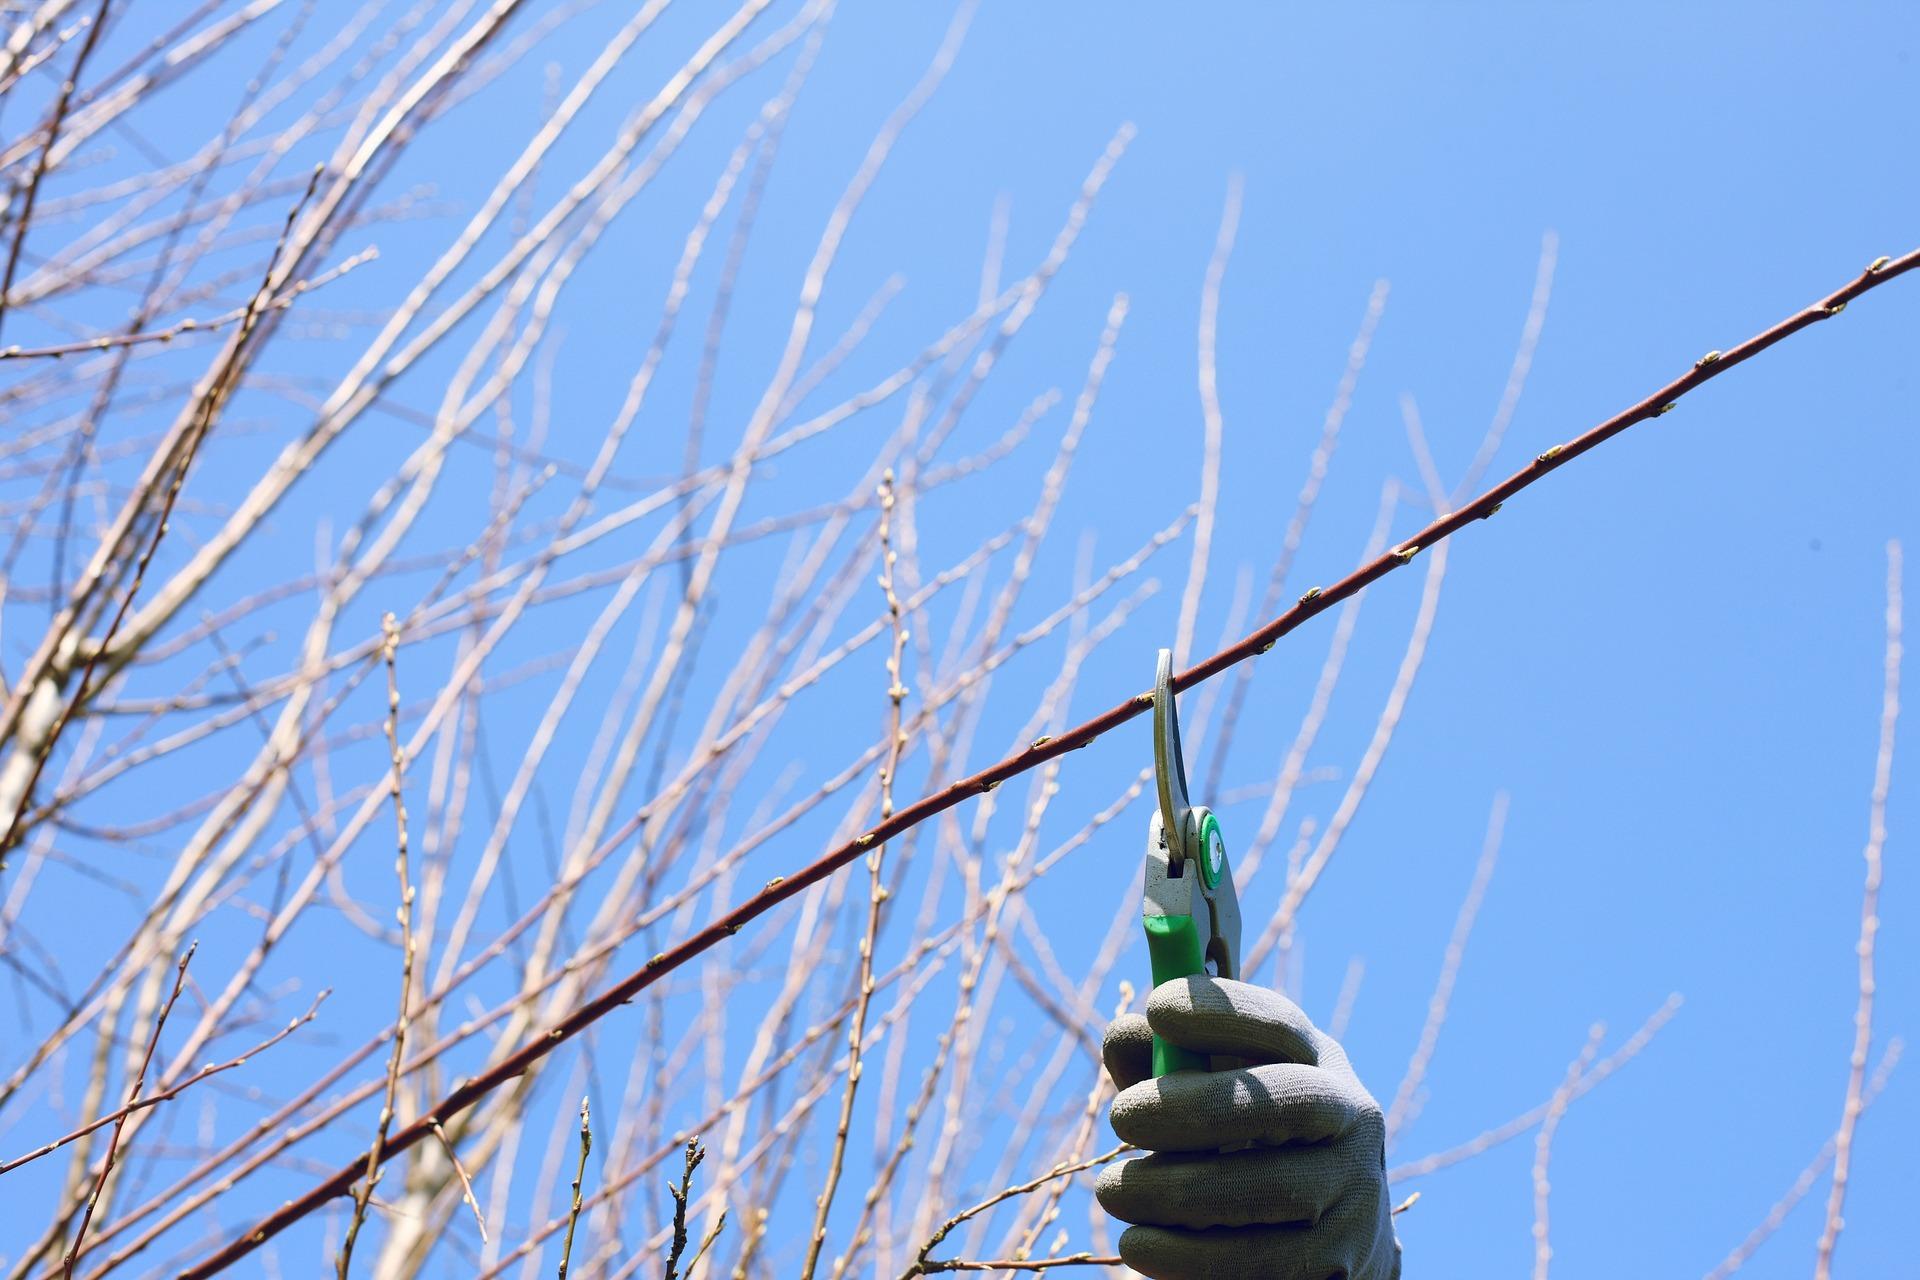 Gartenscheere schneidet Ast ab, blauer Himmel im Hintergrund